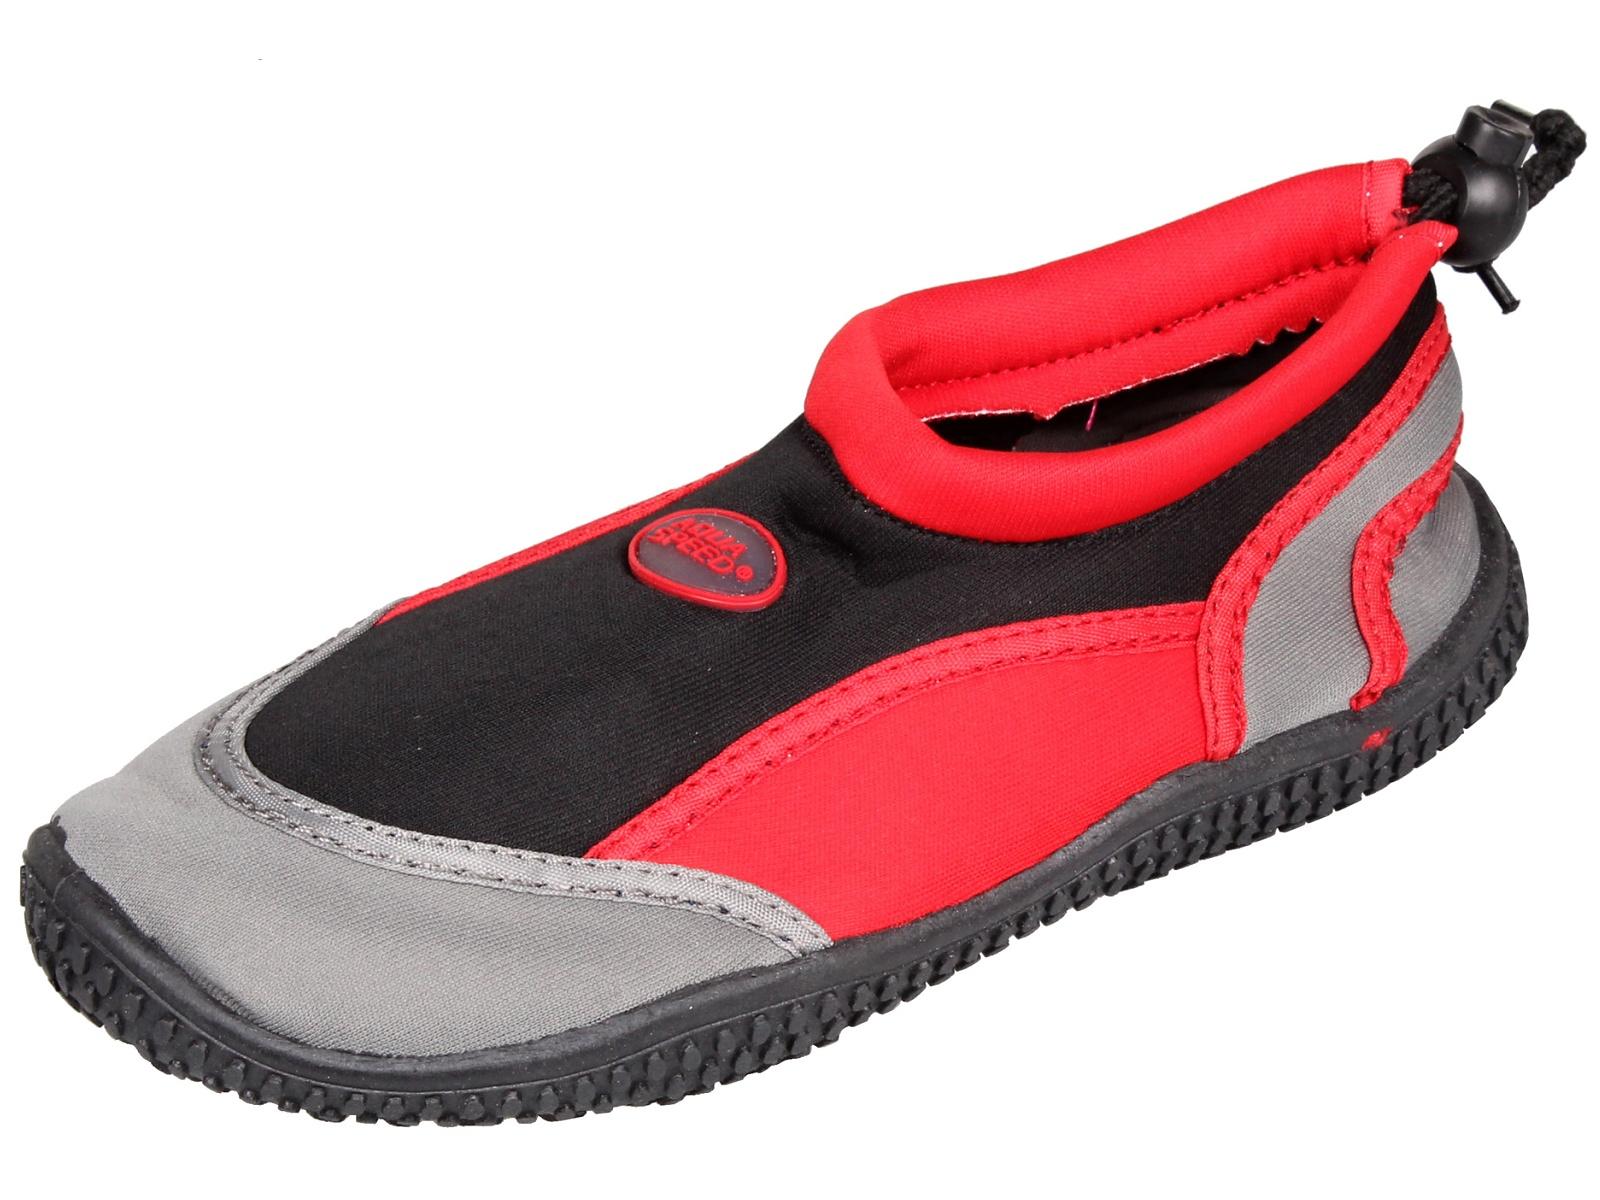 Topánky do vody AQUA-SPEED 21B detské čierne - veľ. 32